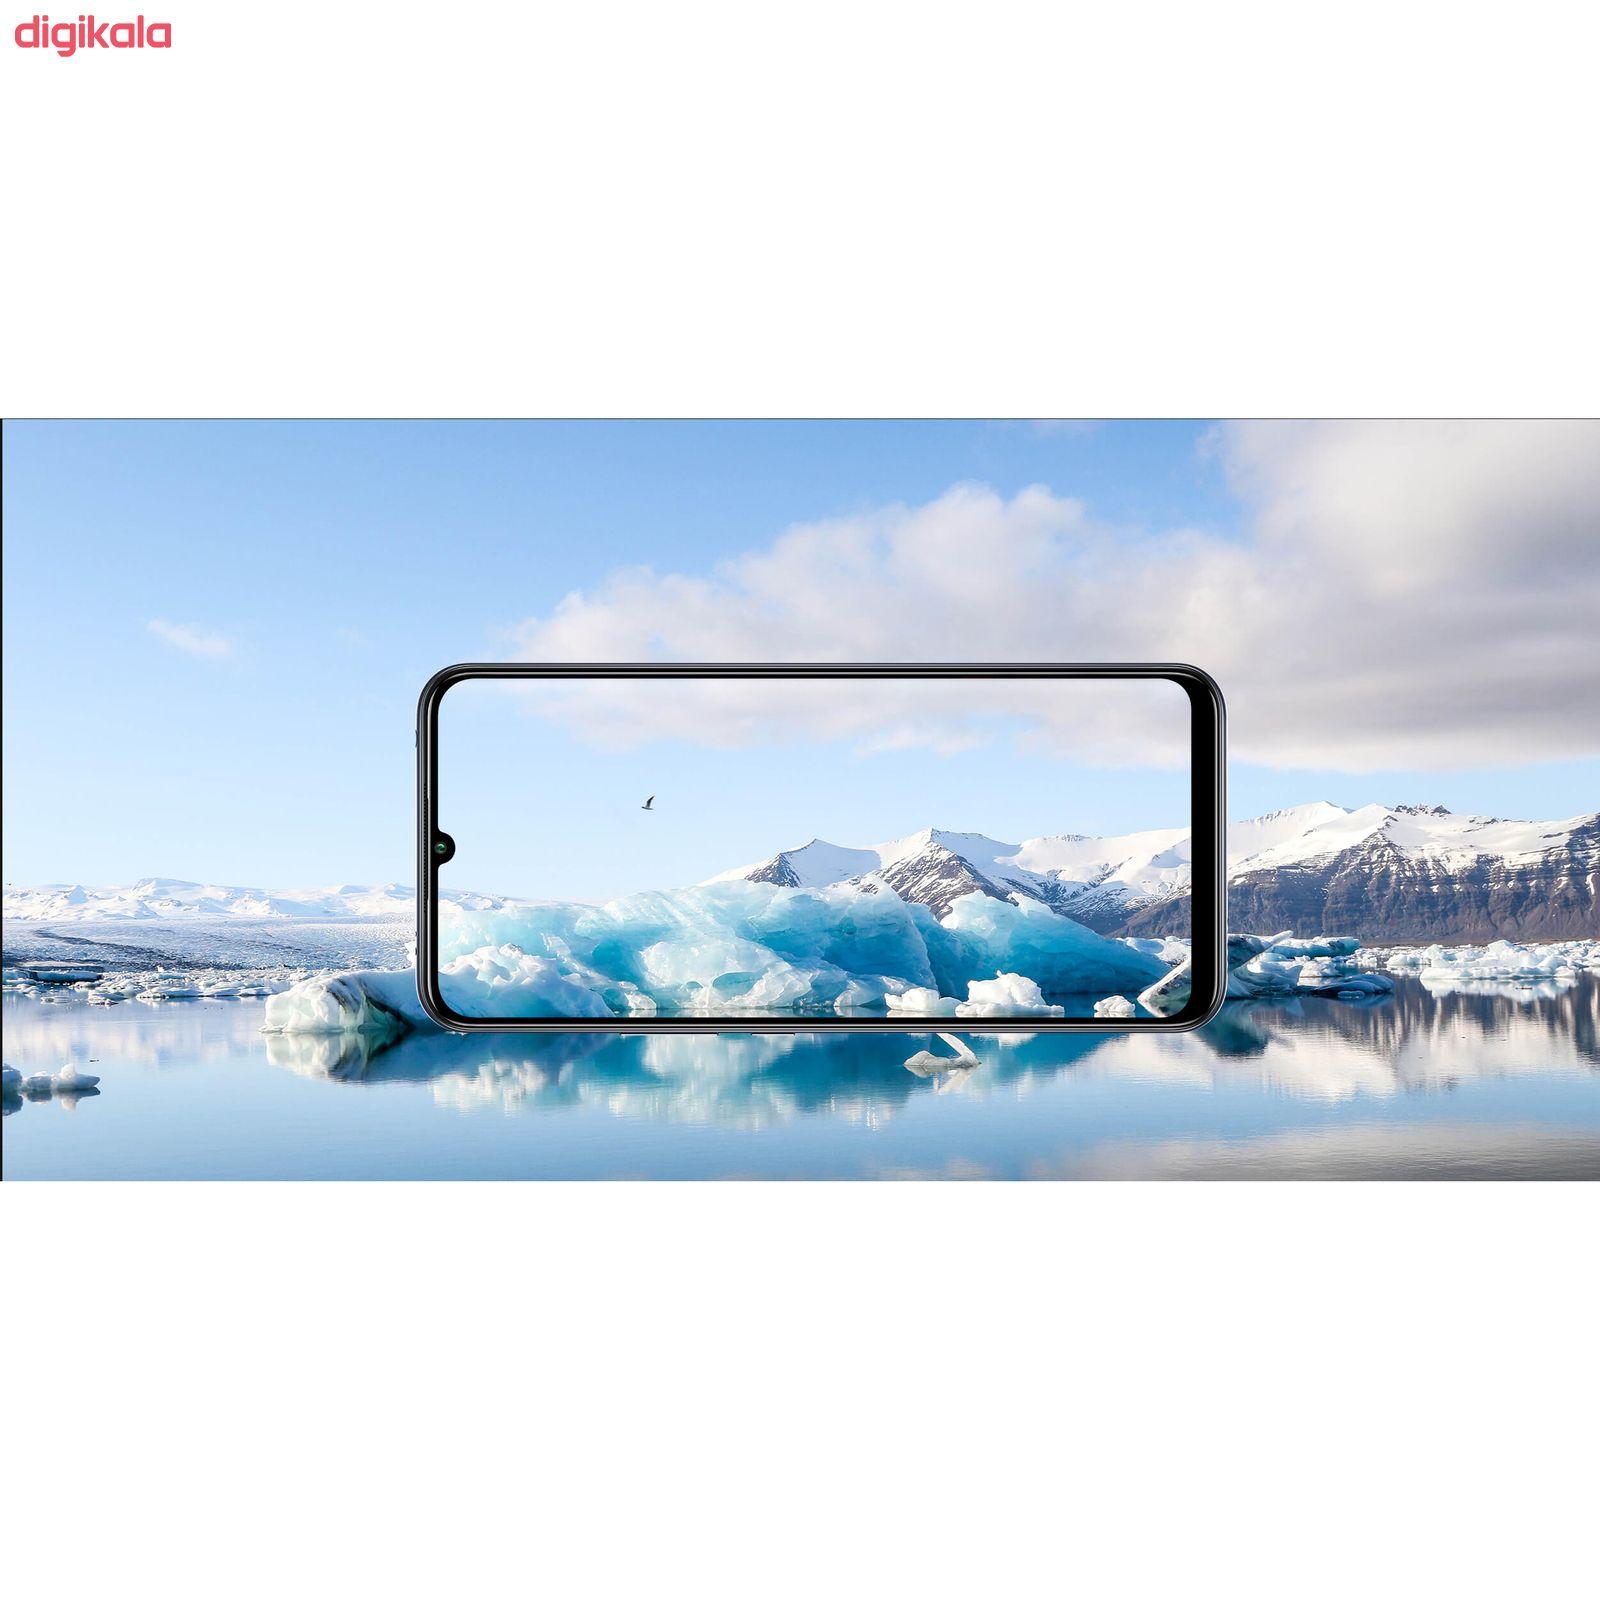 گوشی موبایل شیائومی مدل Mi 10 Lite 5G M2002J9G دو سیم کارت ظرفیت 128 گیگابایت  main 1 8